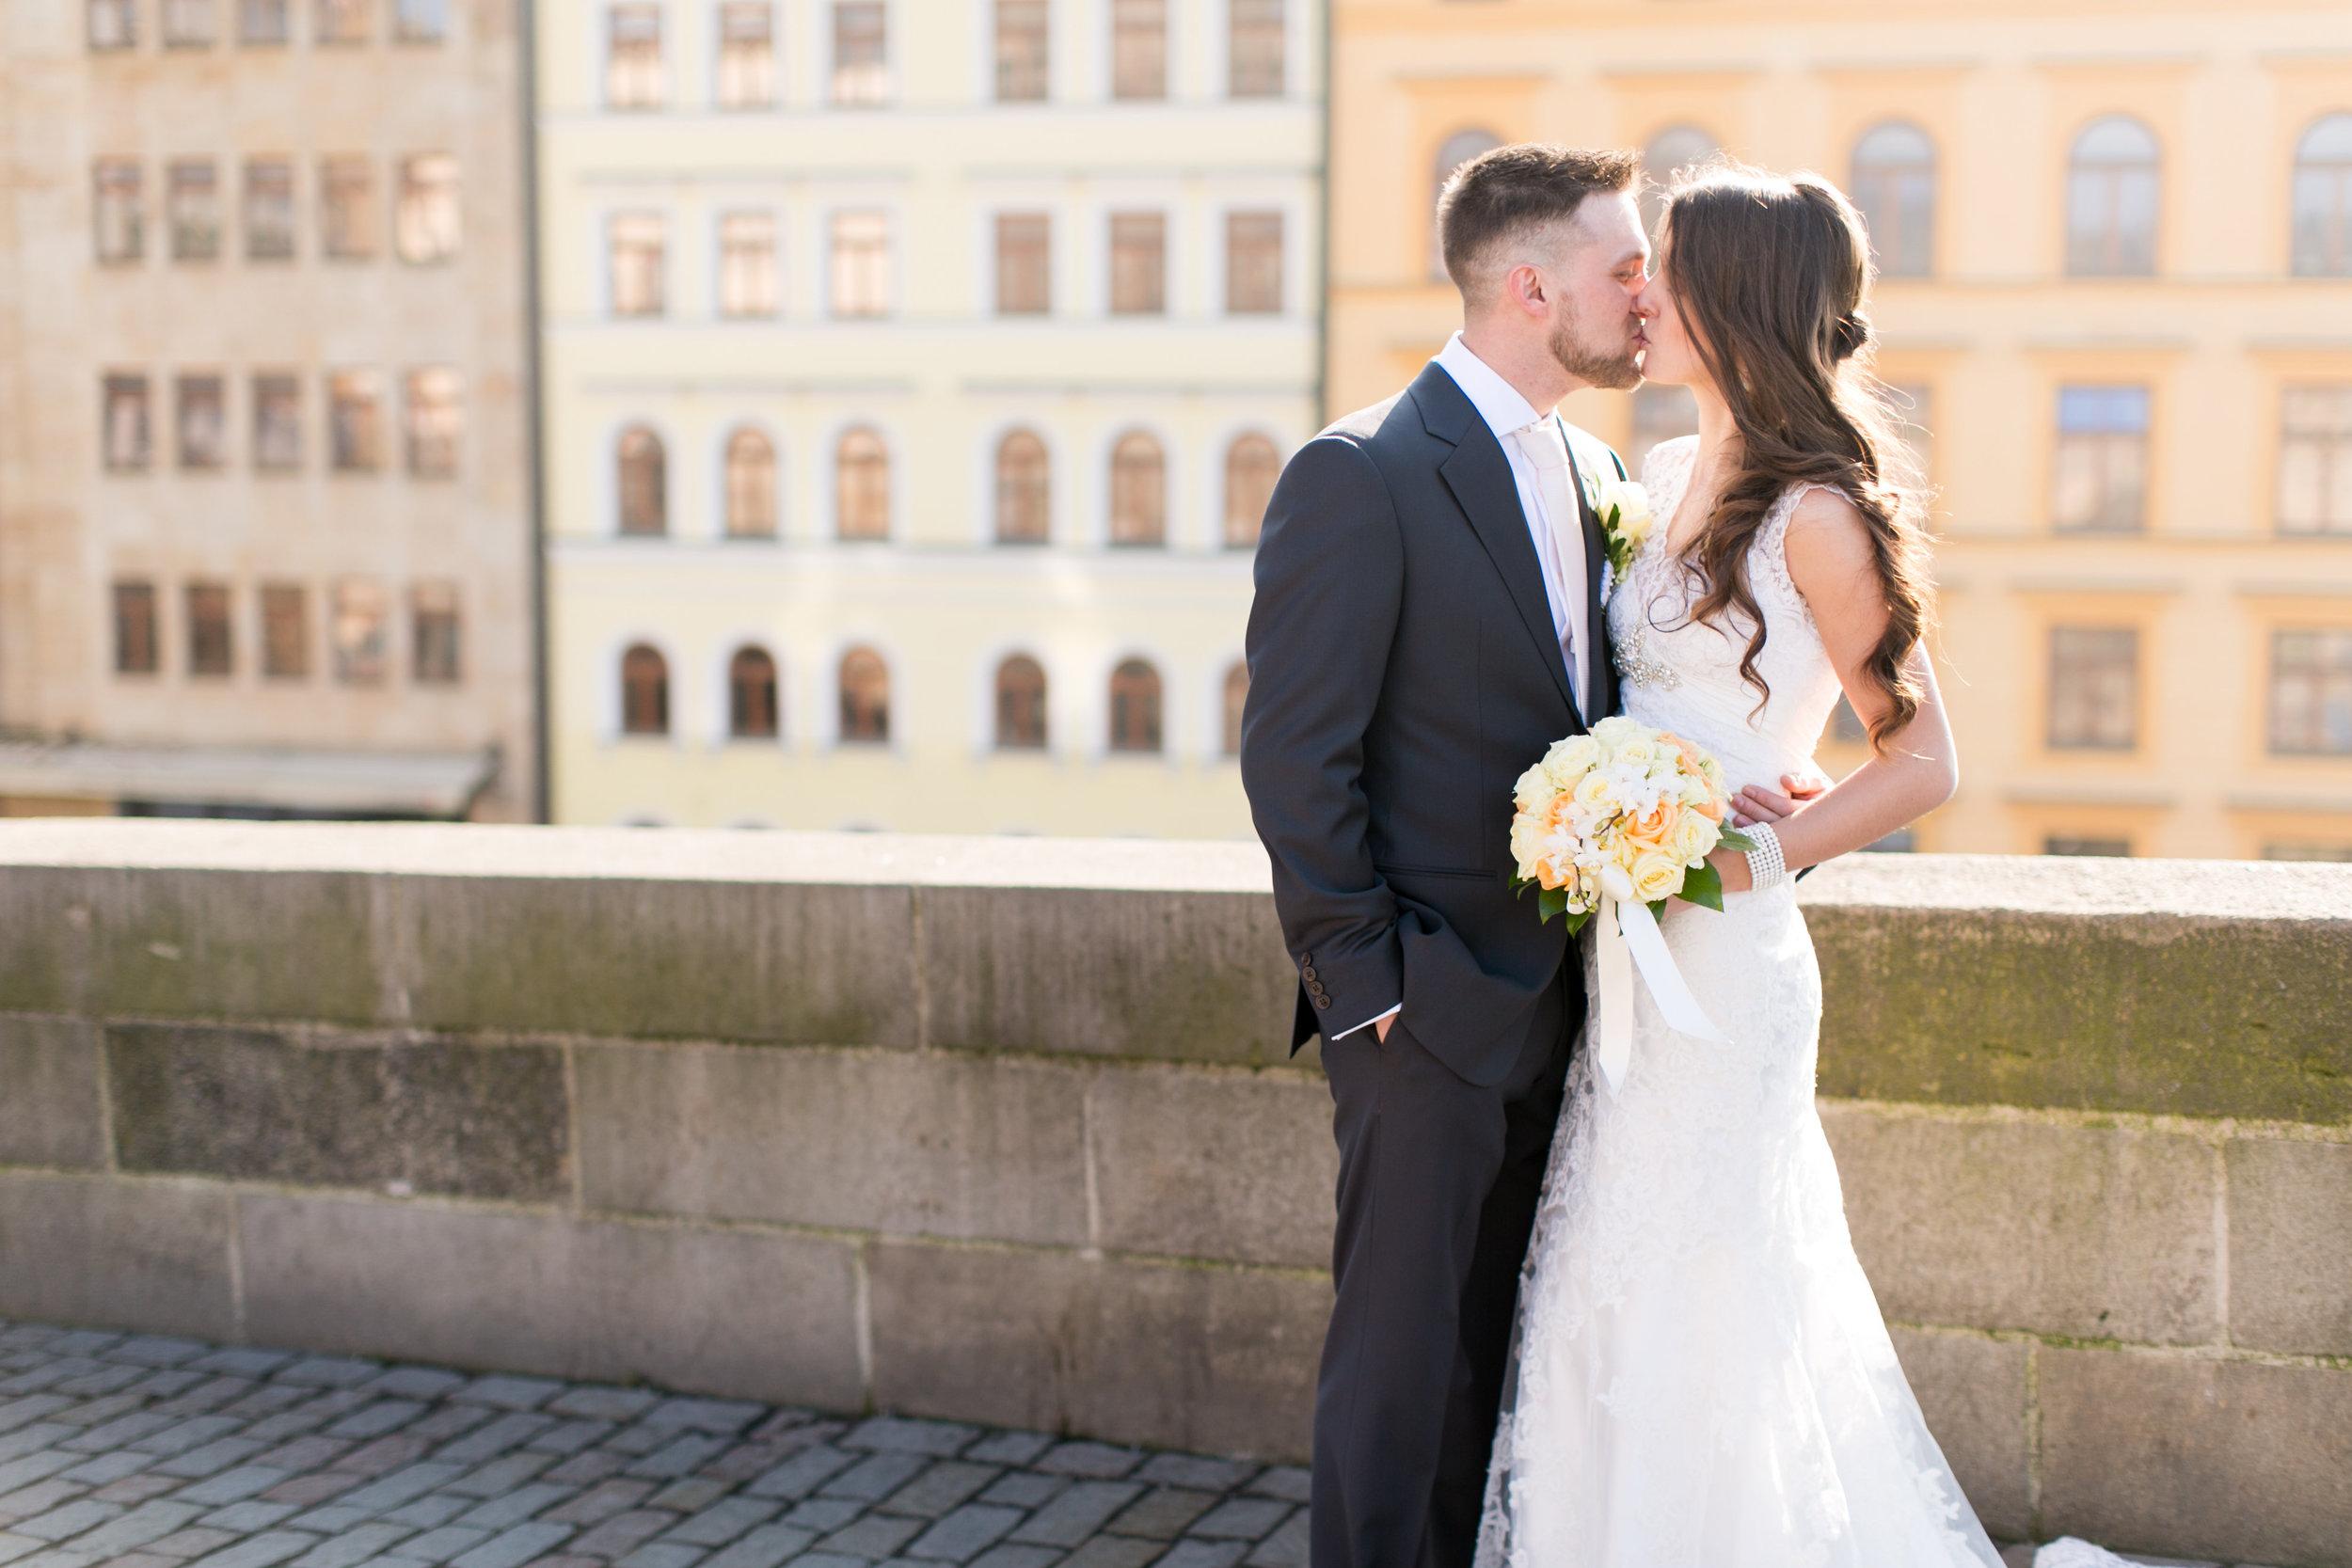 Ryan Eliska Married-Lauren s Favorites-0040.JPG